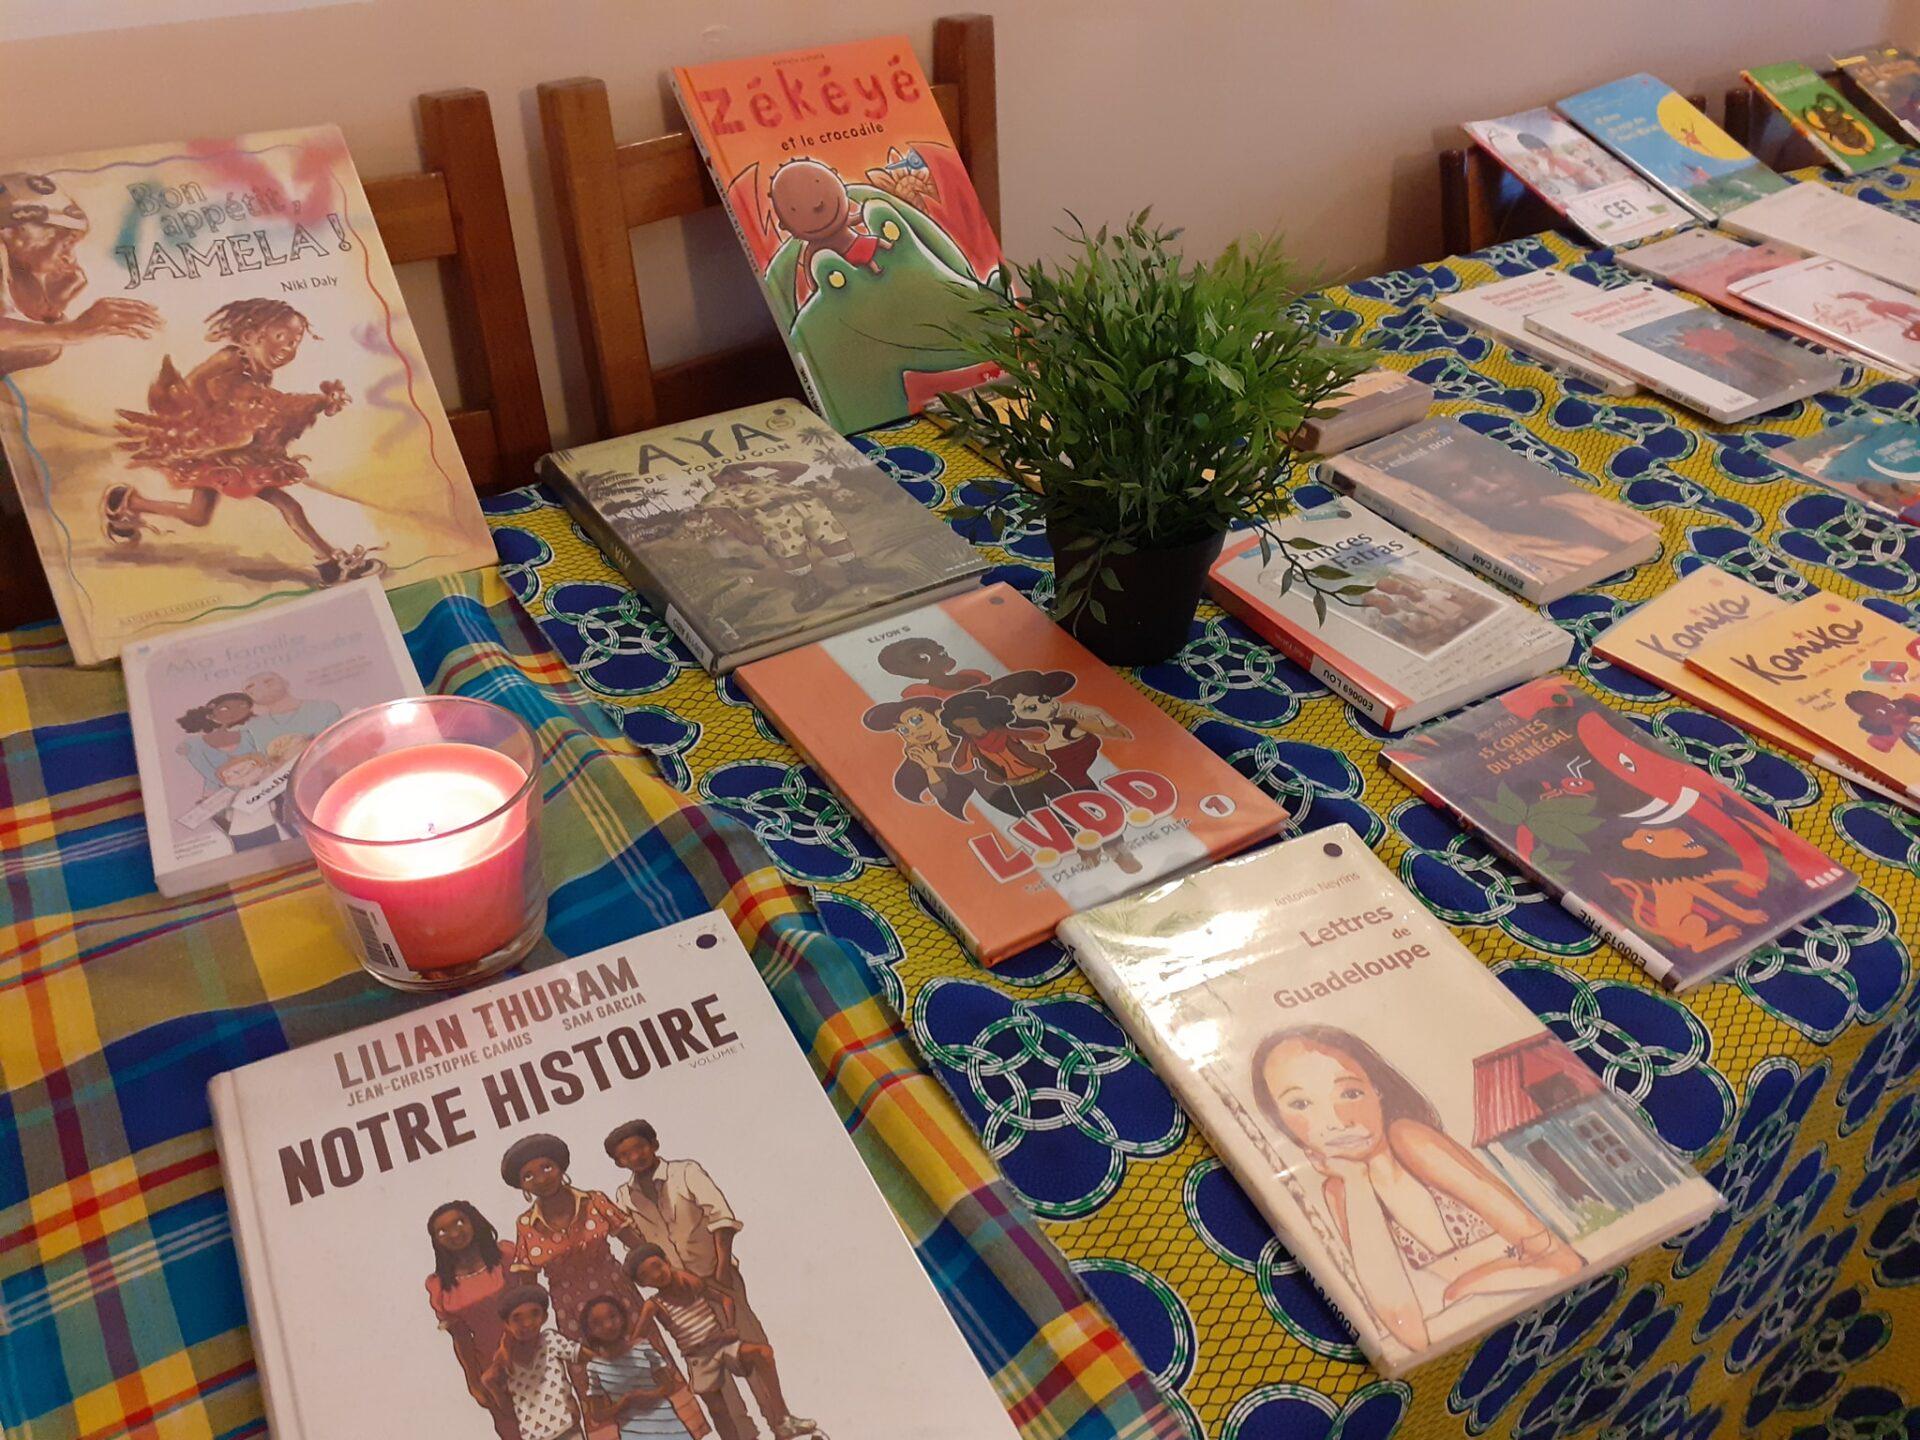 [ENFANTS] Soutenez Mwana Afrobook, la bibliothèque des enfants en faisant un don pour l'achat de livres